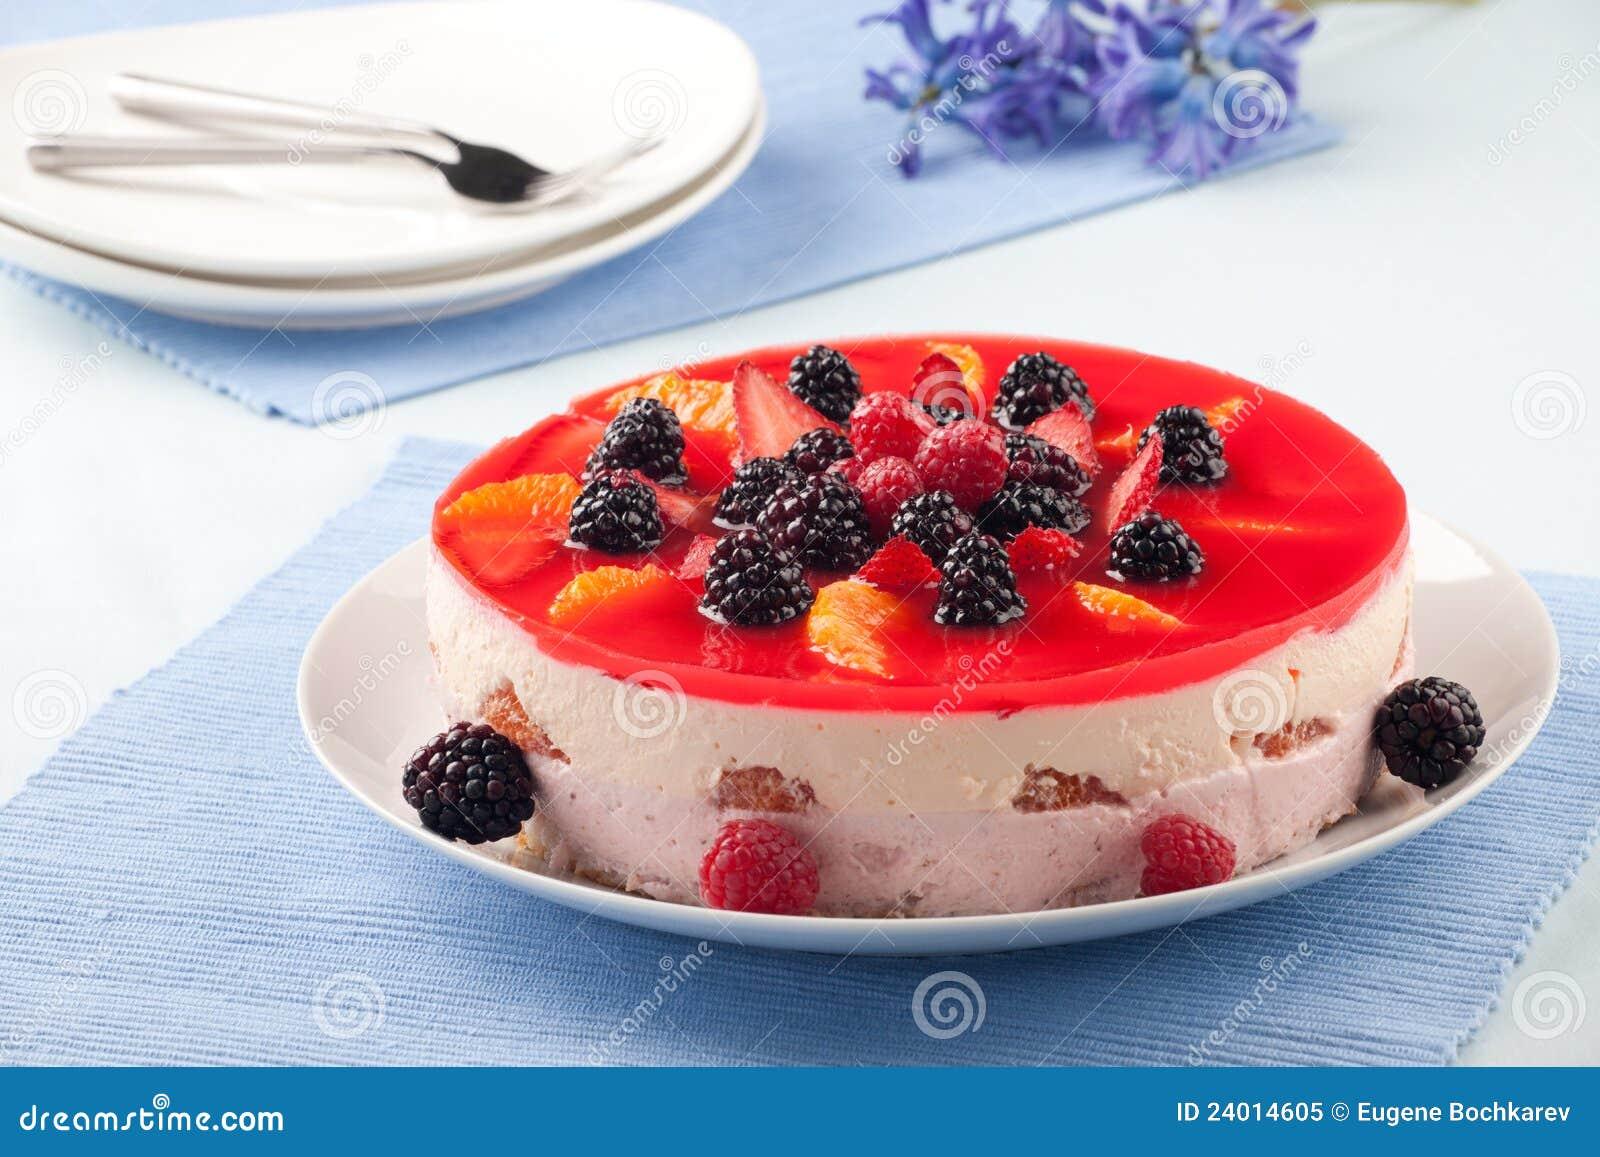 Cake With Fruit Yogurt : Fruit Yogurt Cake Royalty Free Stock Photo - Image: 24014605